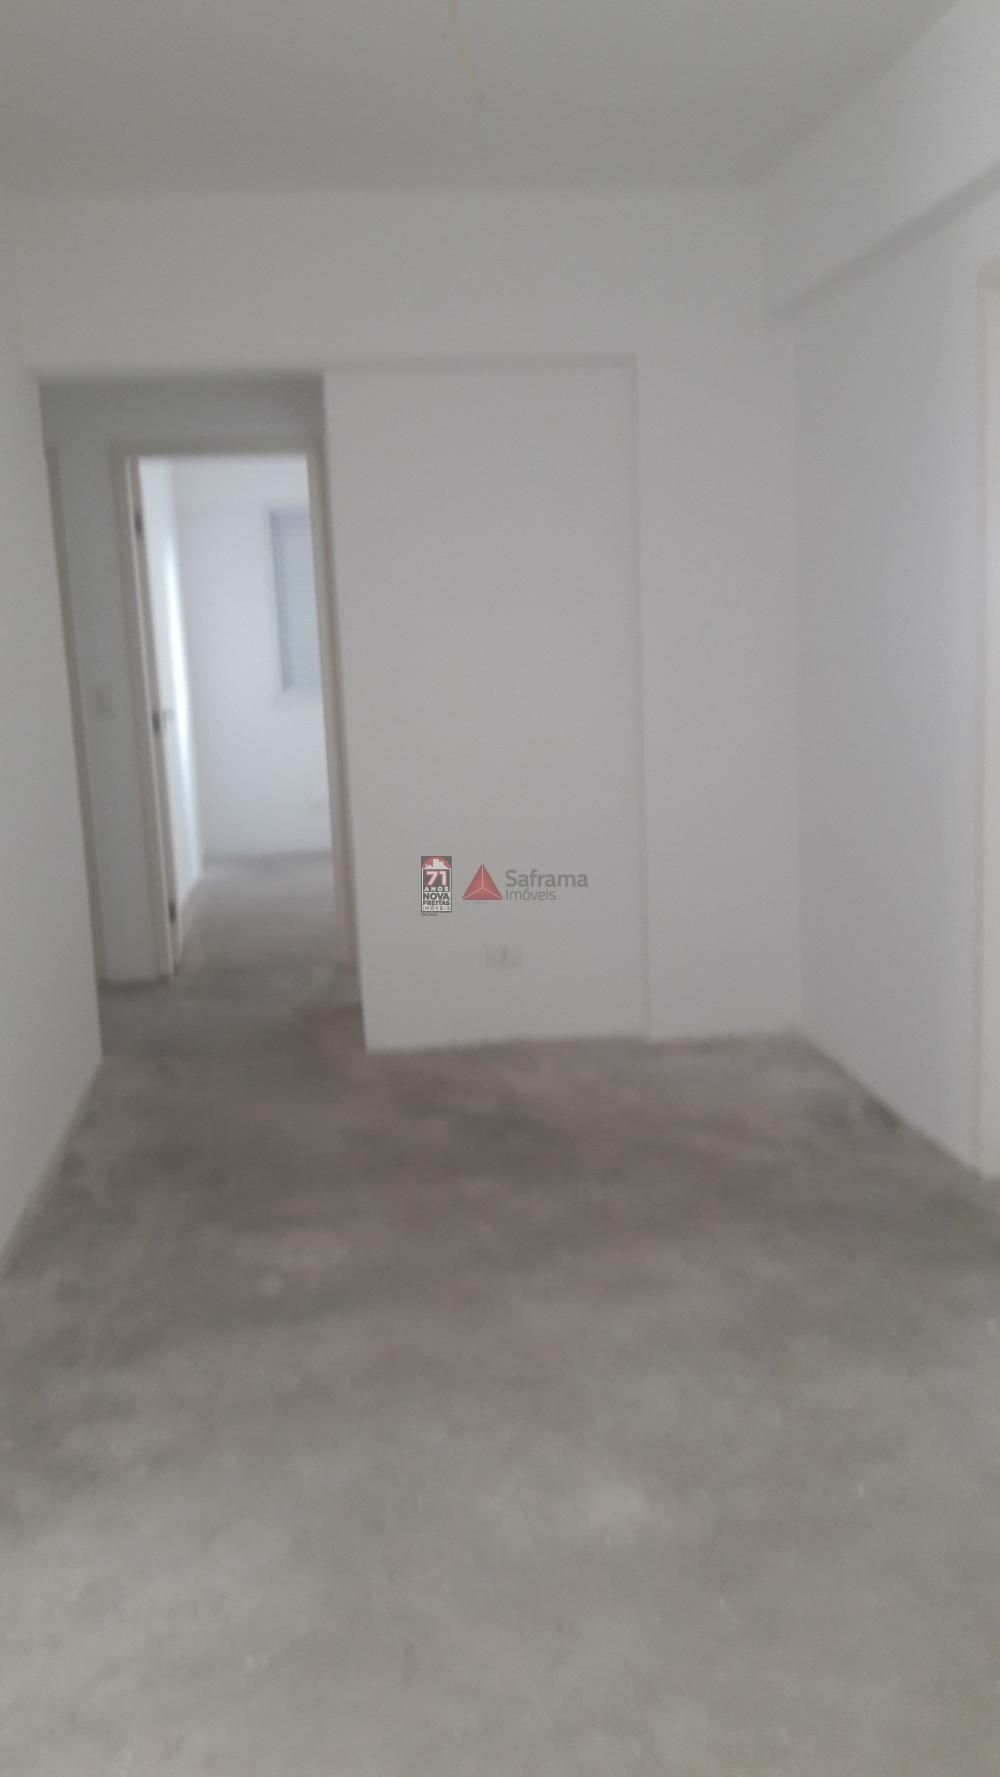 Comprar Apartamento / Padrão em São José dos Campos R$ 544.359,07 - Foto 3